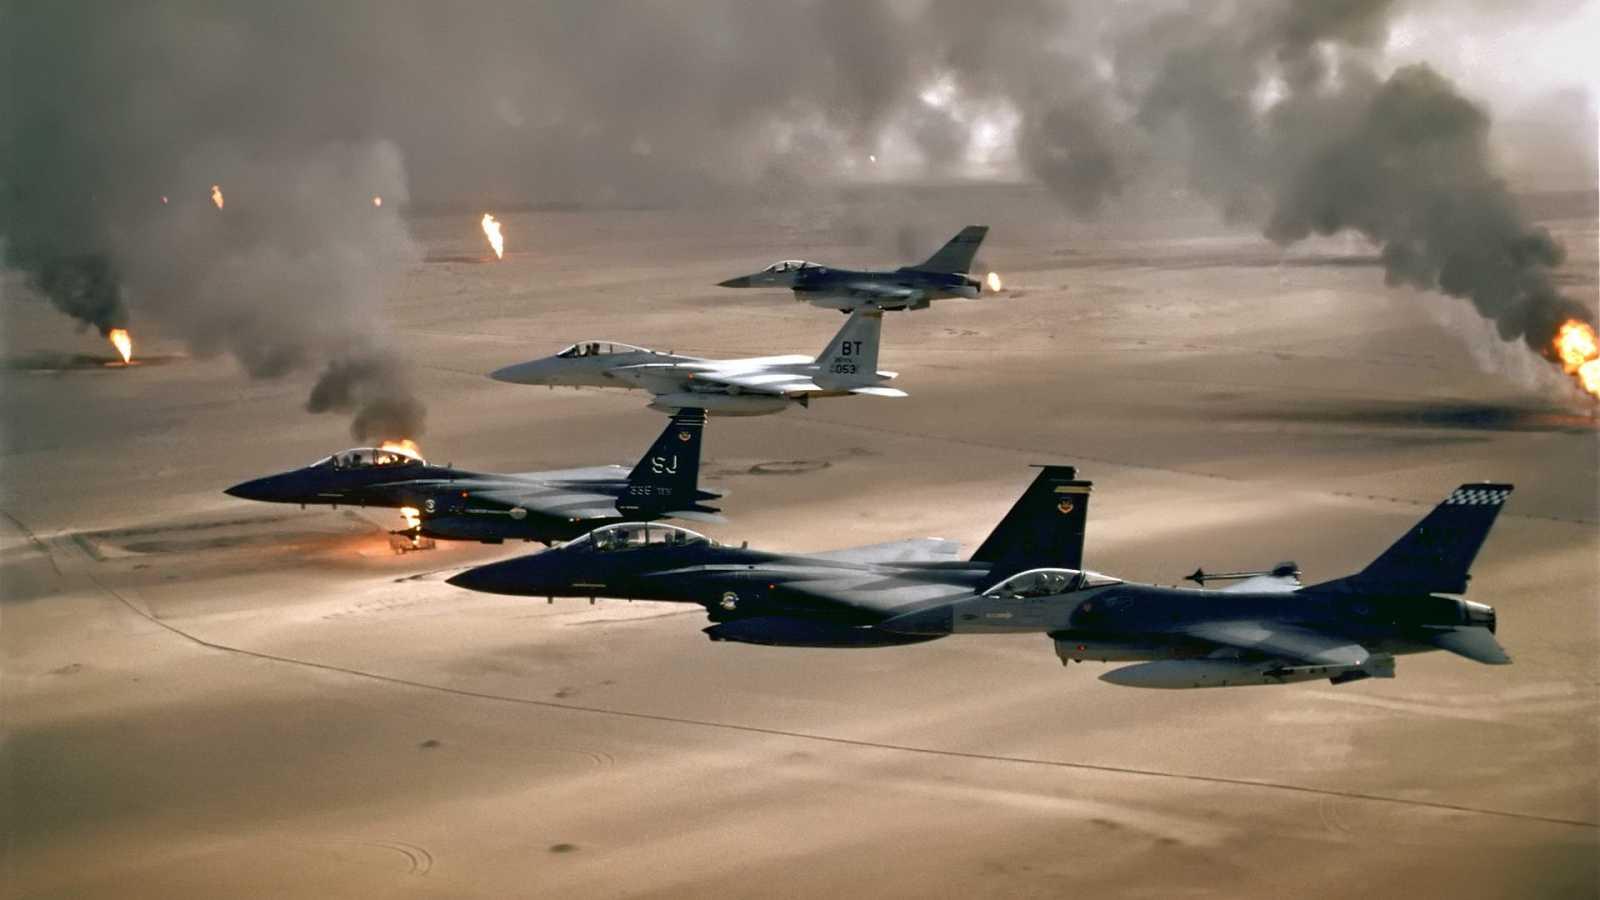 Cinco pistas - Las canciones de la Guerra del Golfo - 03/03/21 - escuchar ahora